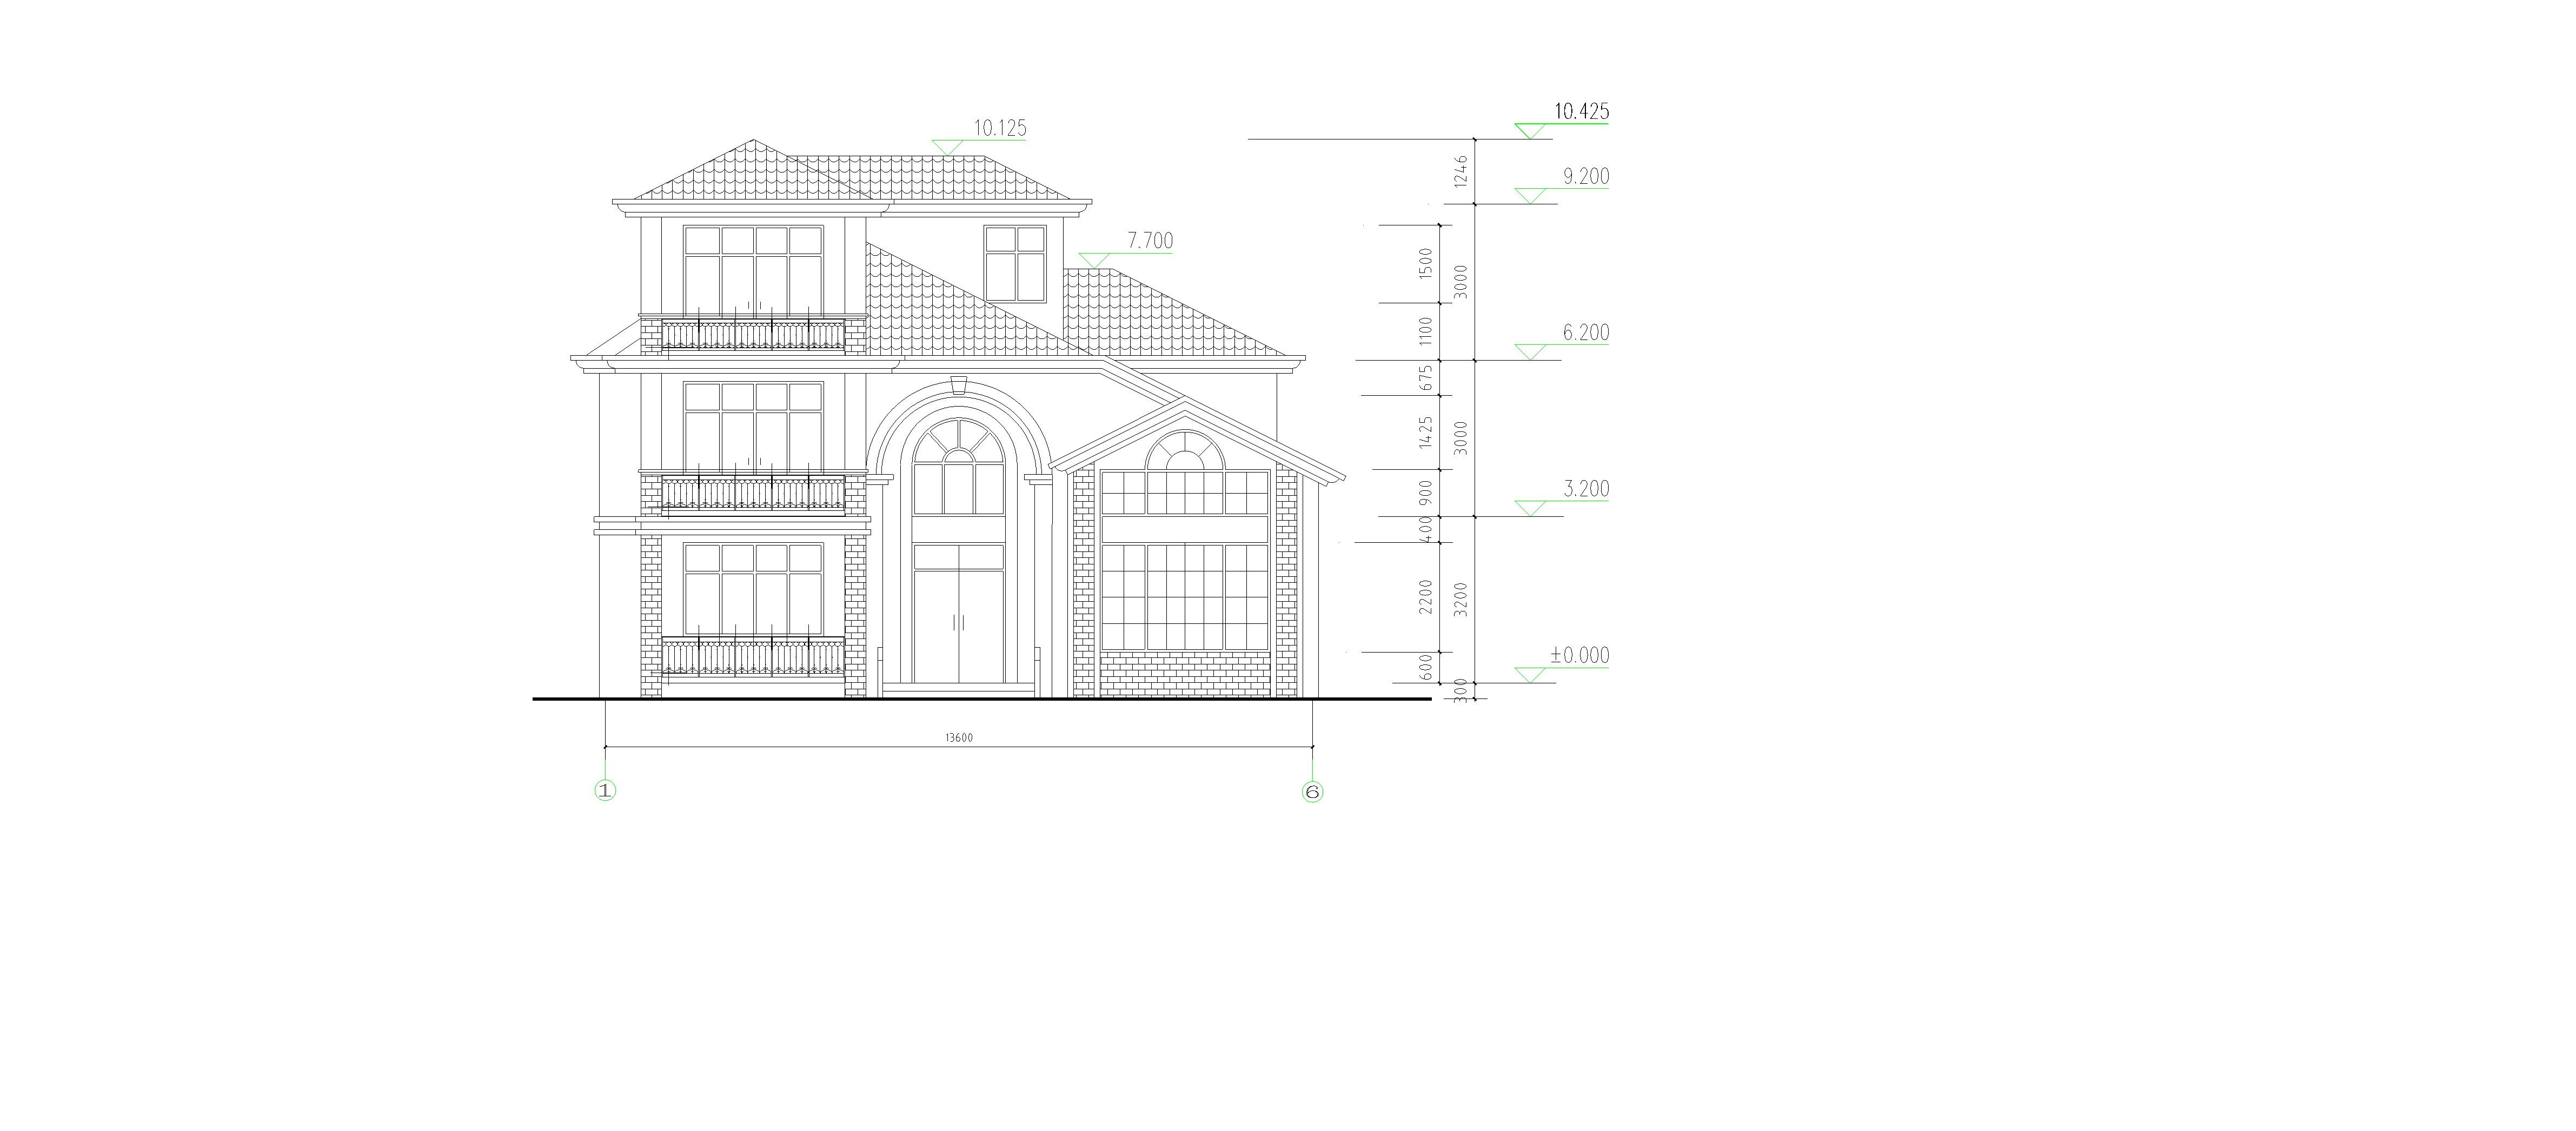 三间一层平房设计图